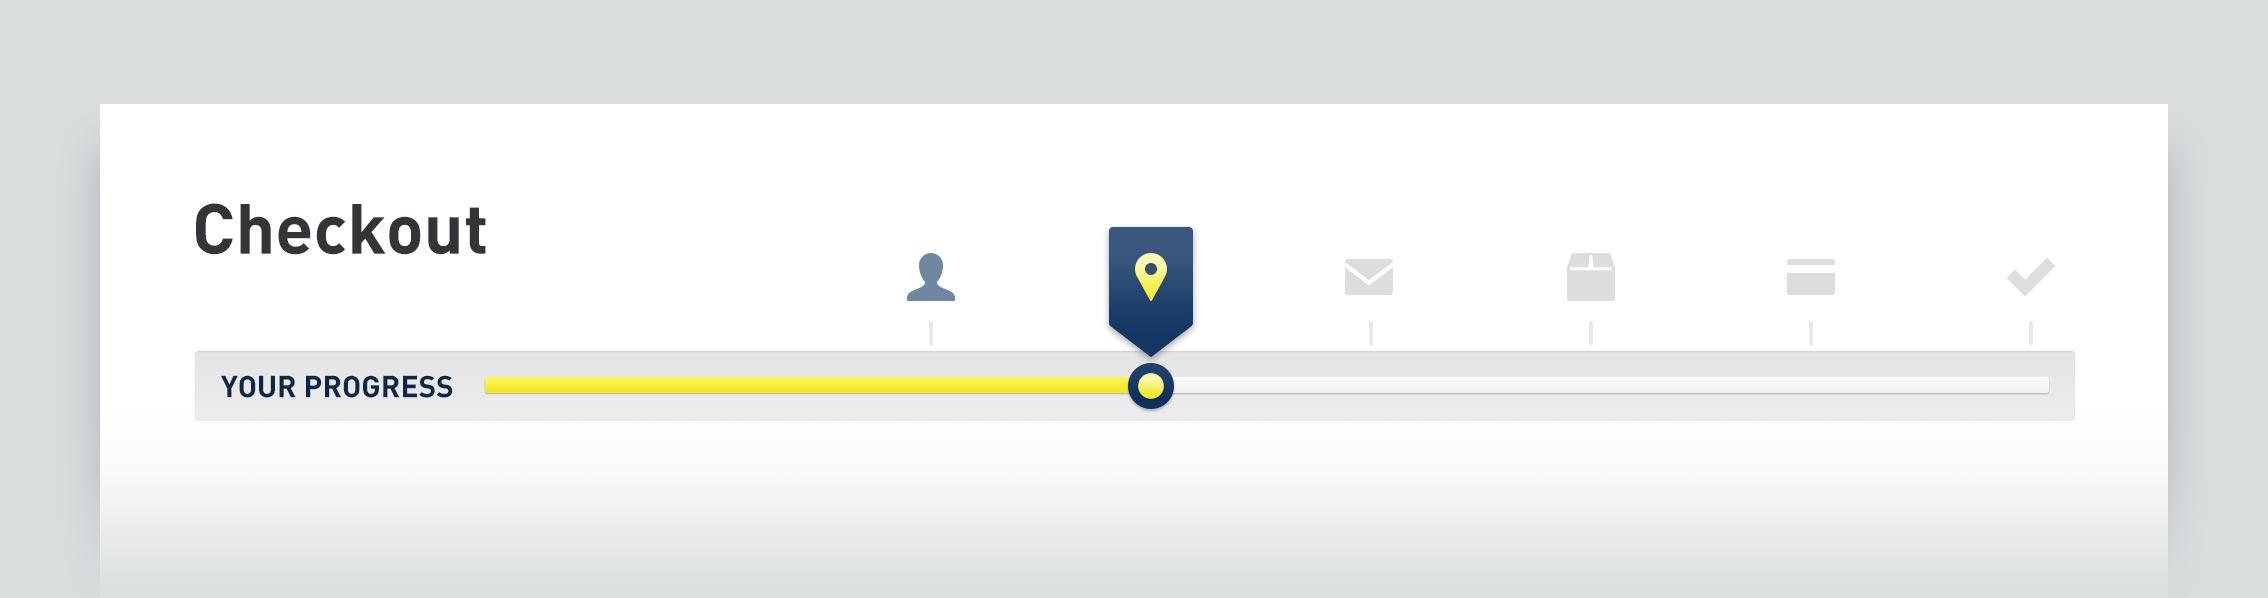 Kraco Checkout Progress Visualization